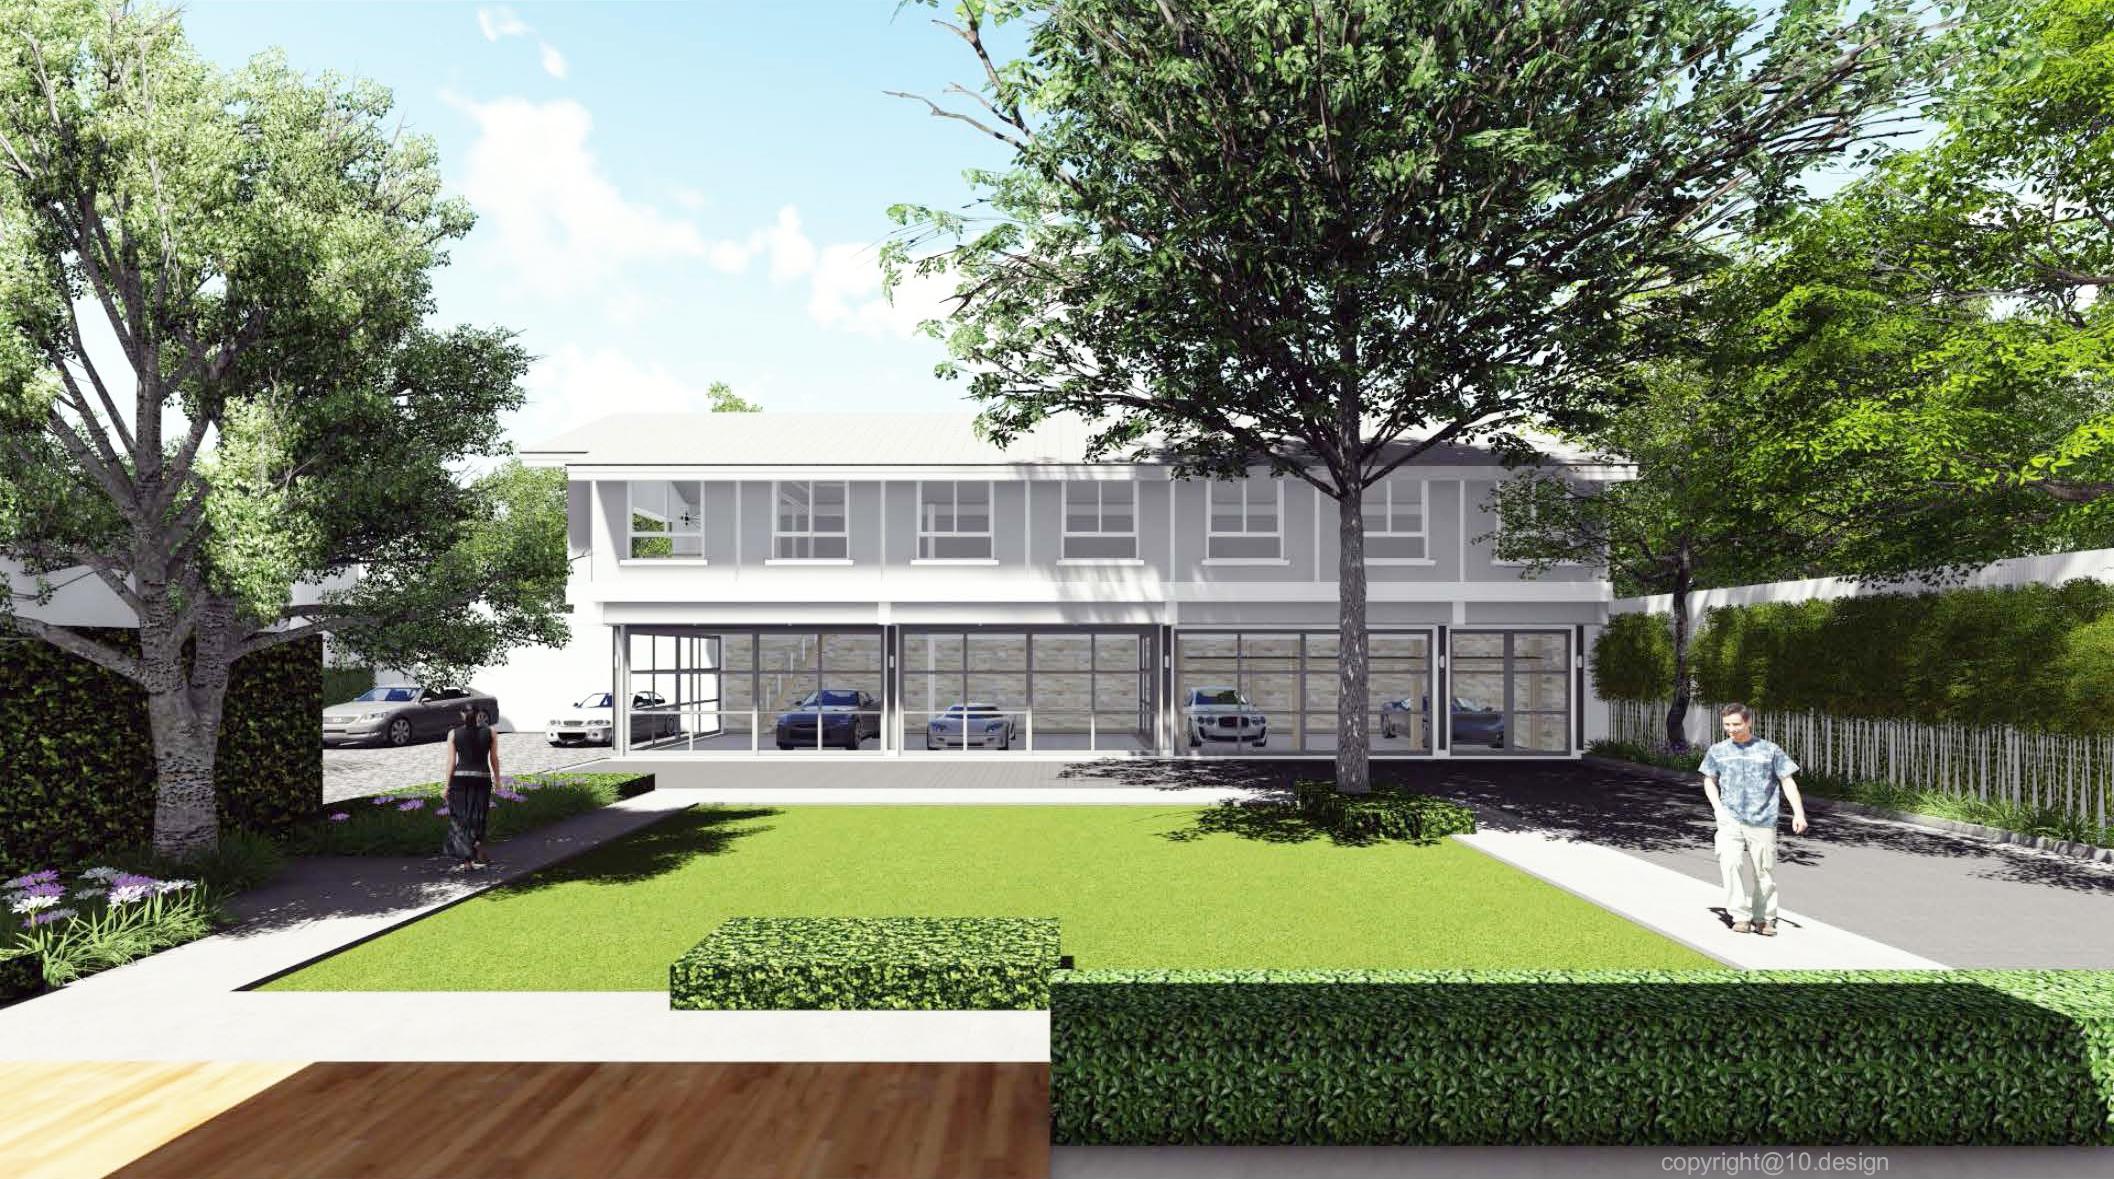 issara residence 10 design landscape architect 08